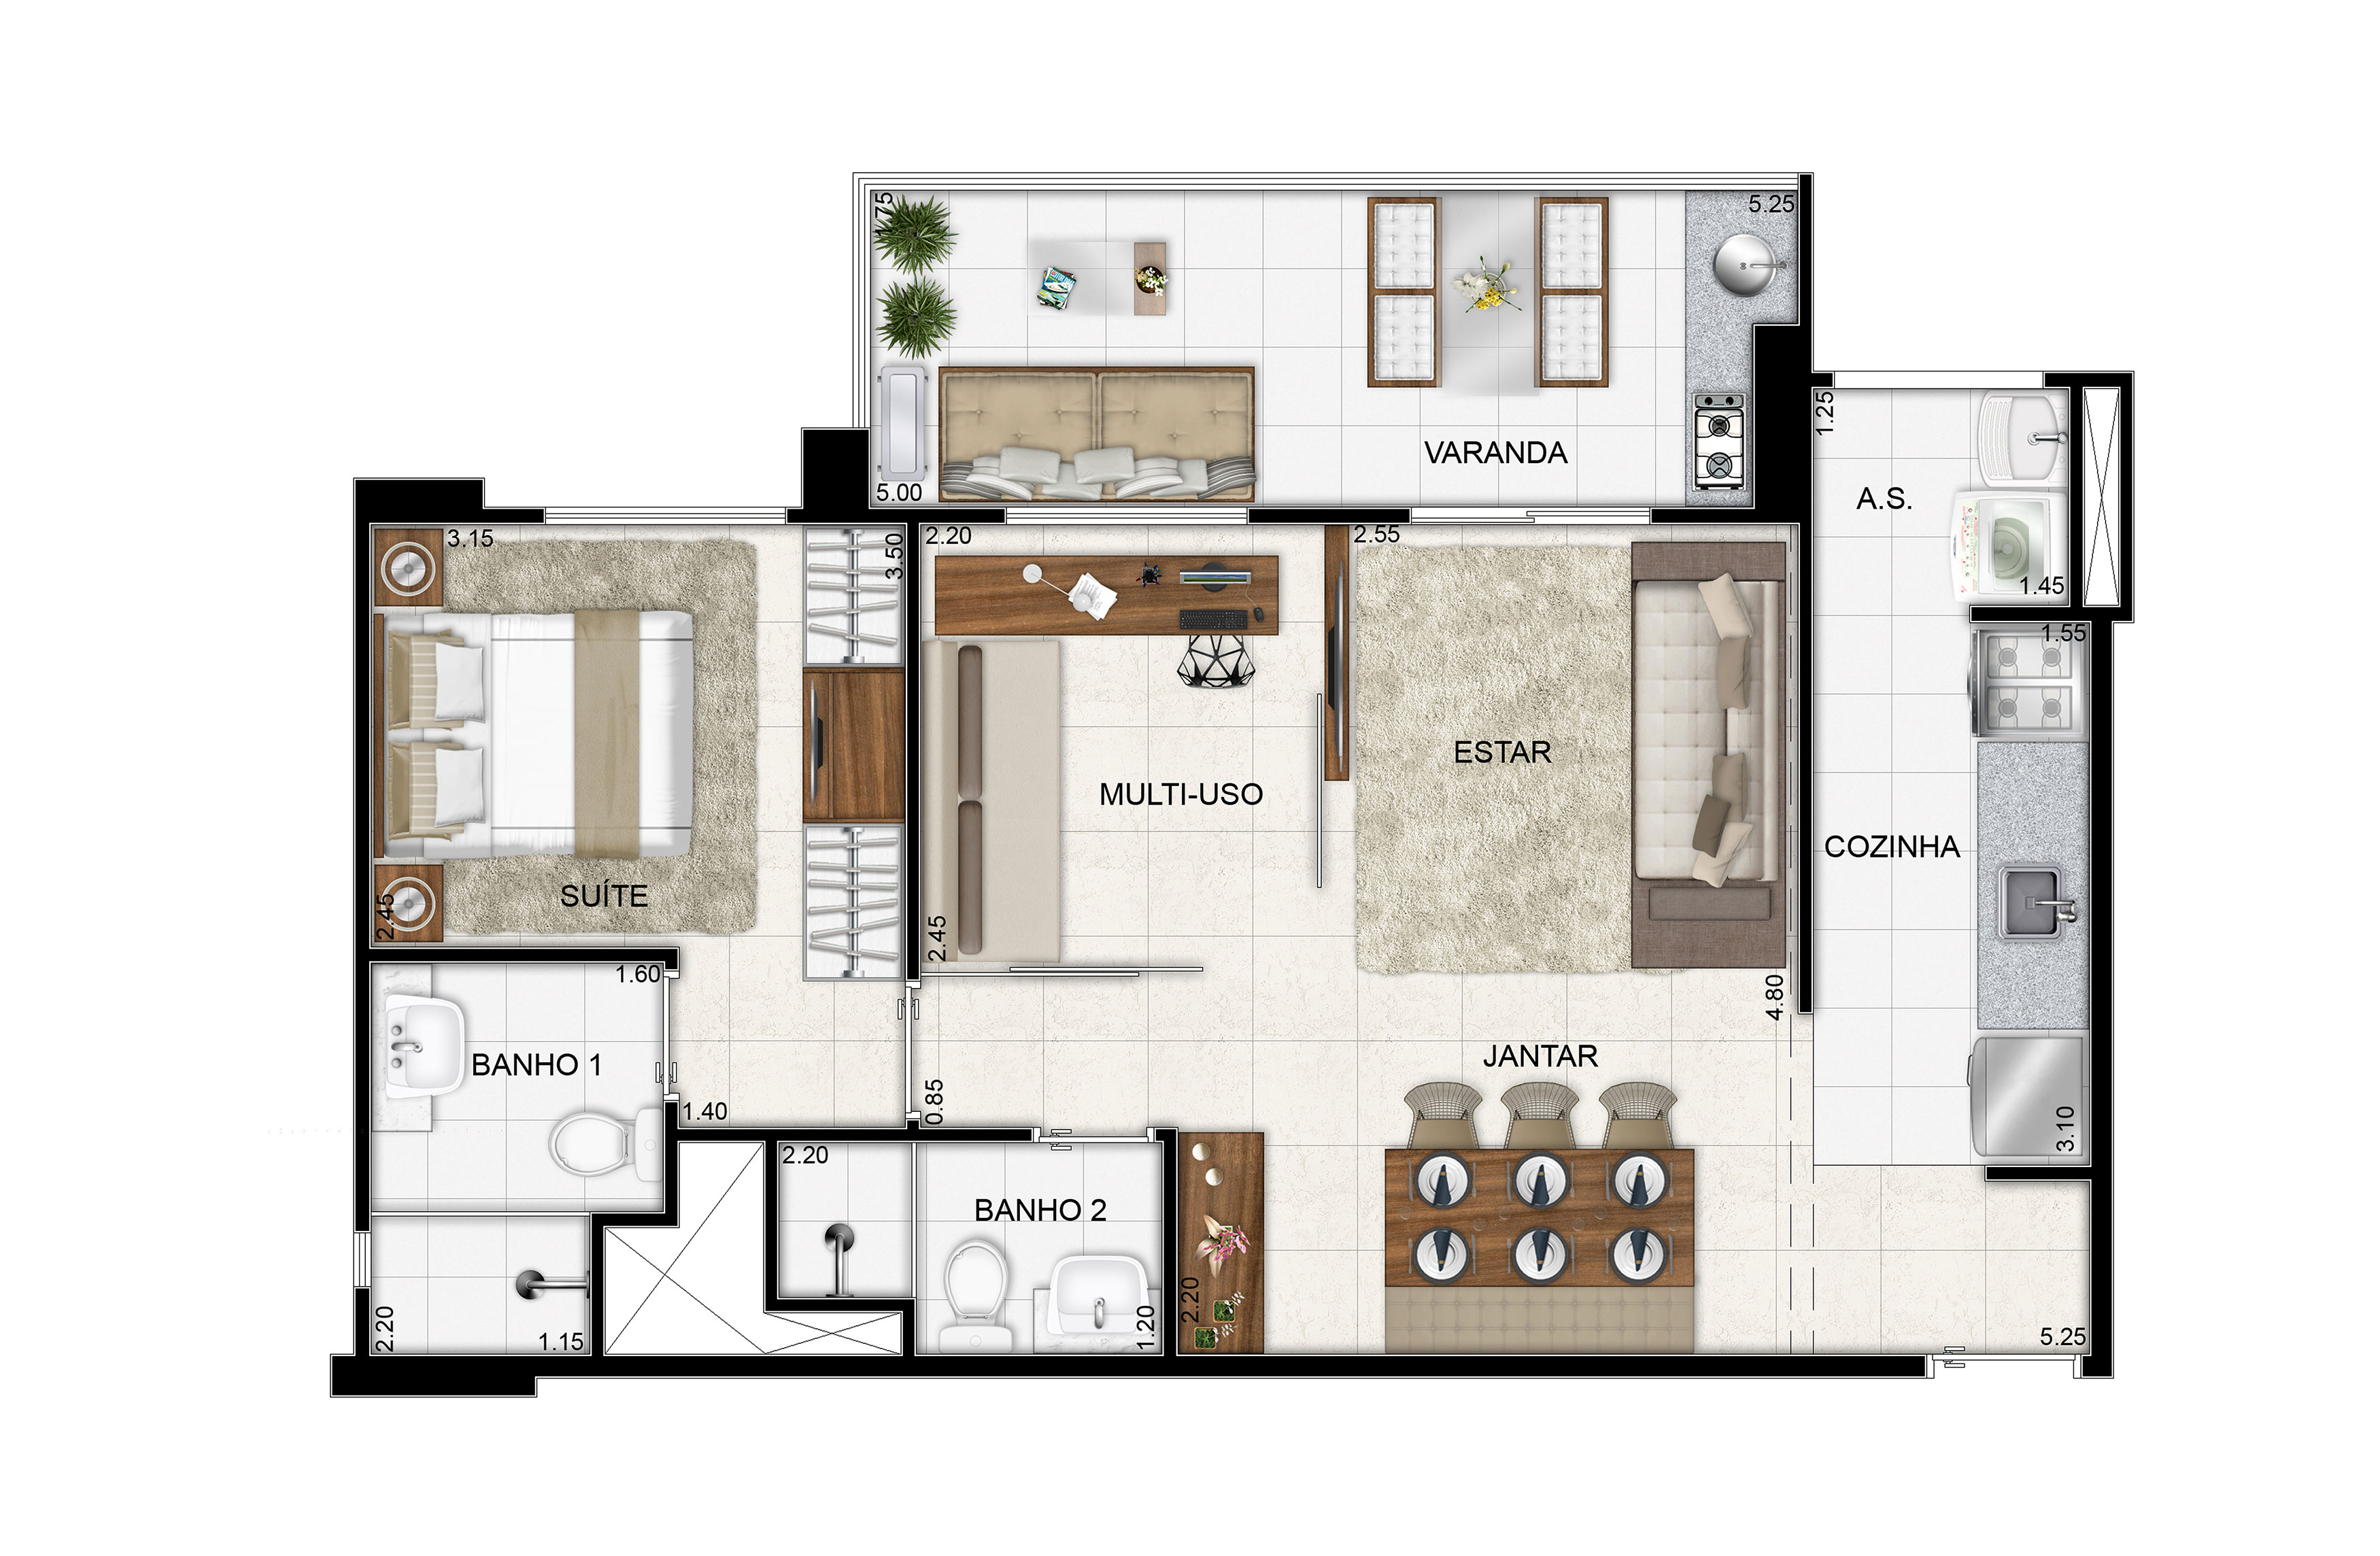 62,88 m² - 1 suíte